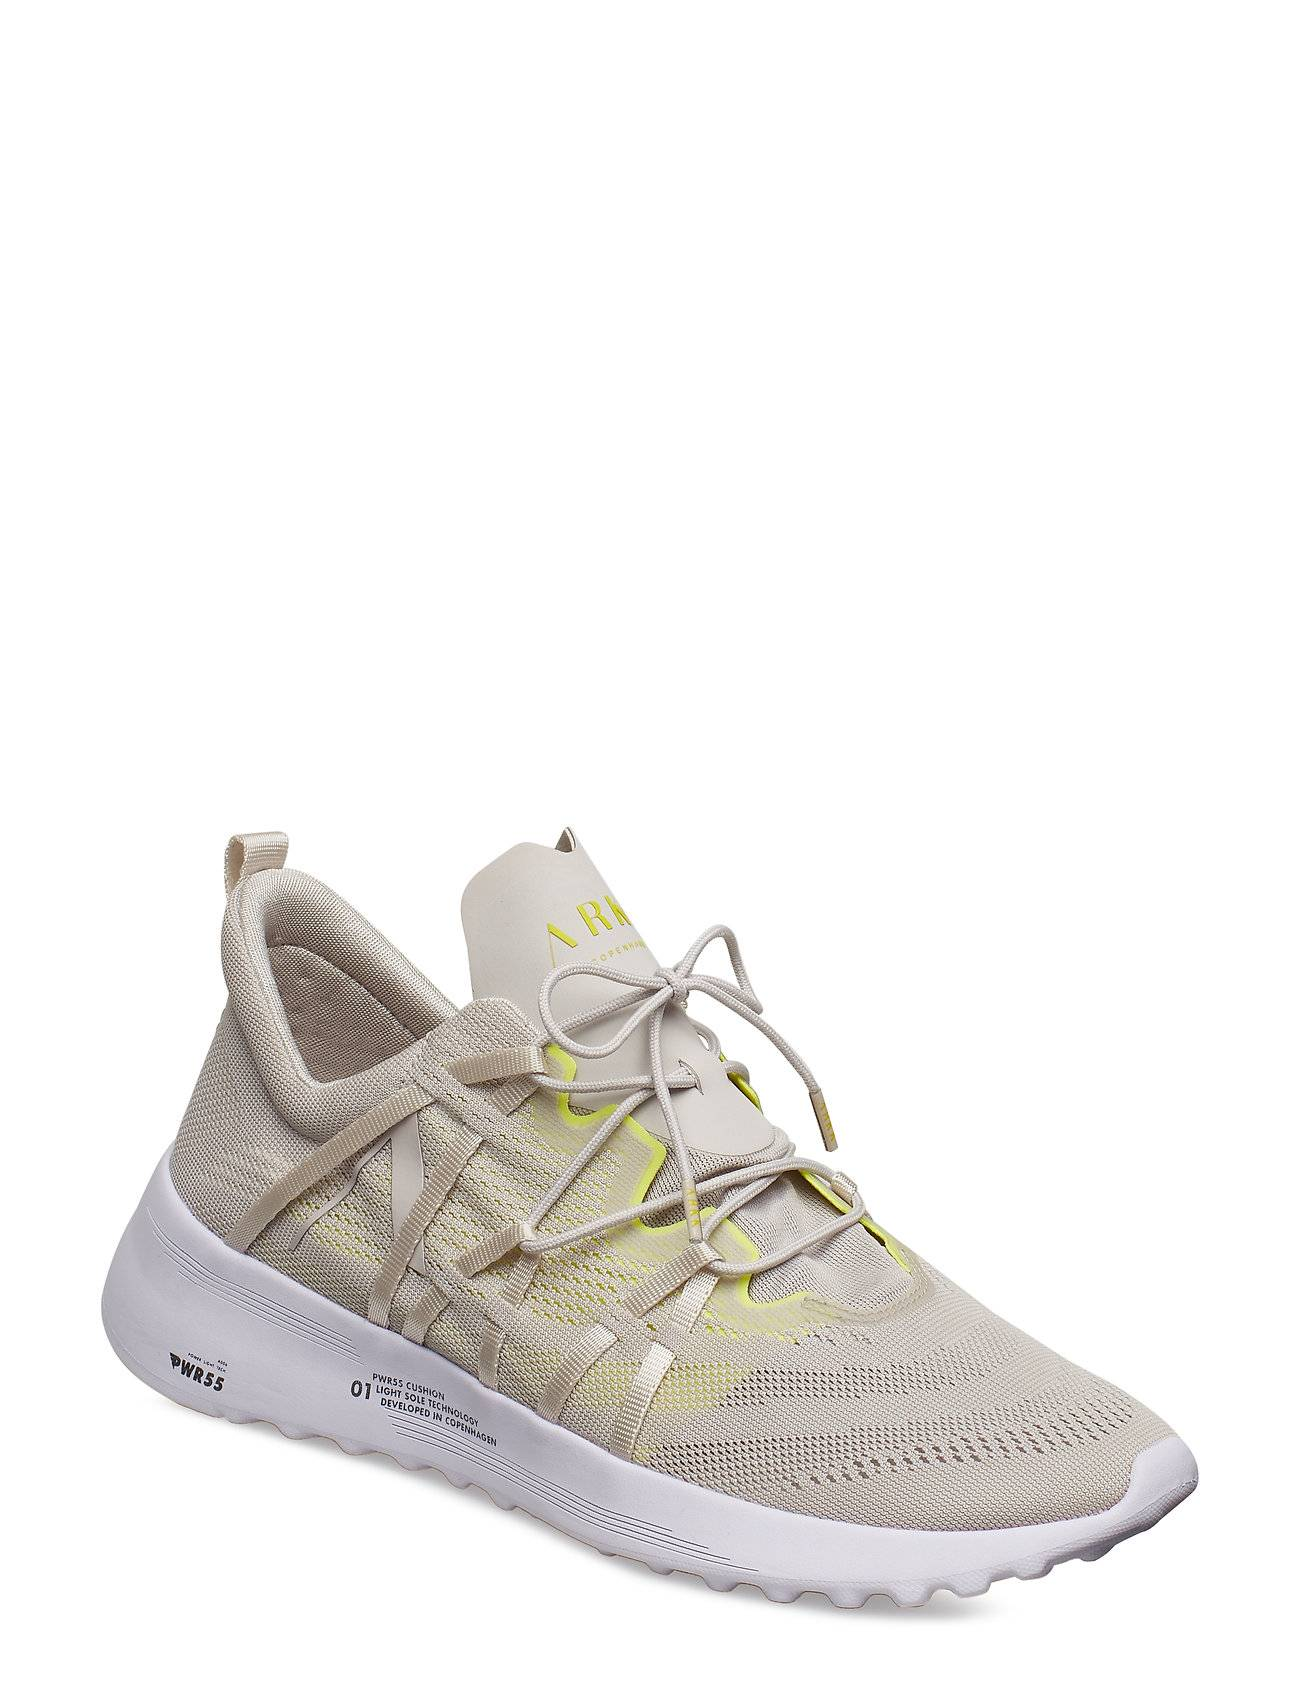 ARKK Copenhagen Velcalite Cm Pwr55 Wind Grey Bright Matalavartiset Sneakerit Tennarit Harmaa ARKK Copenhagen